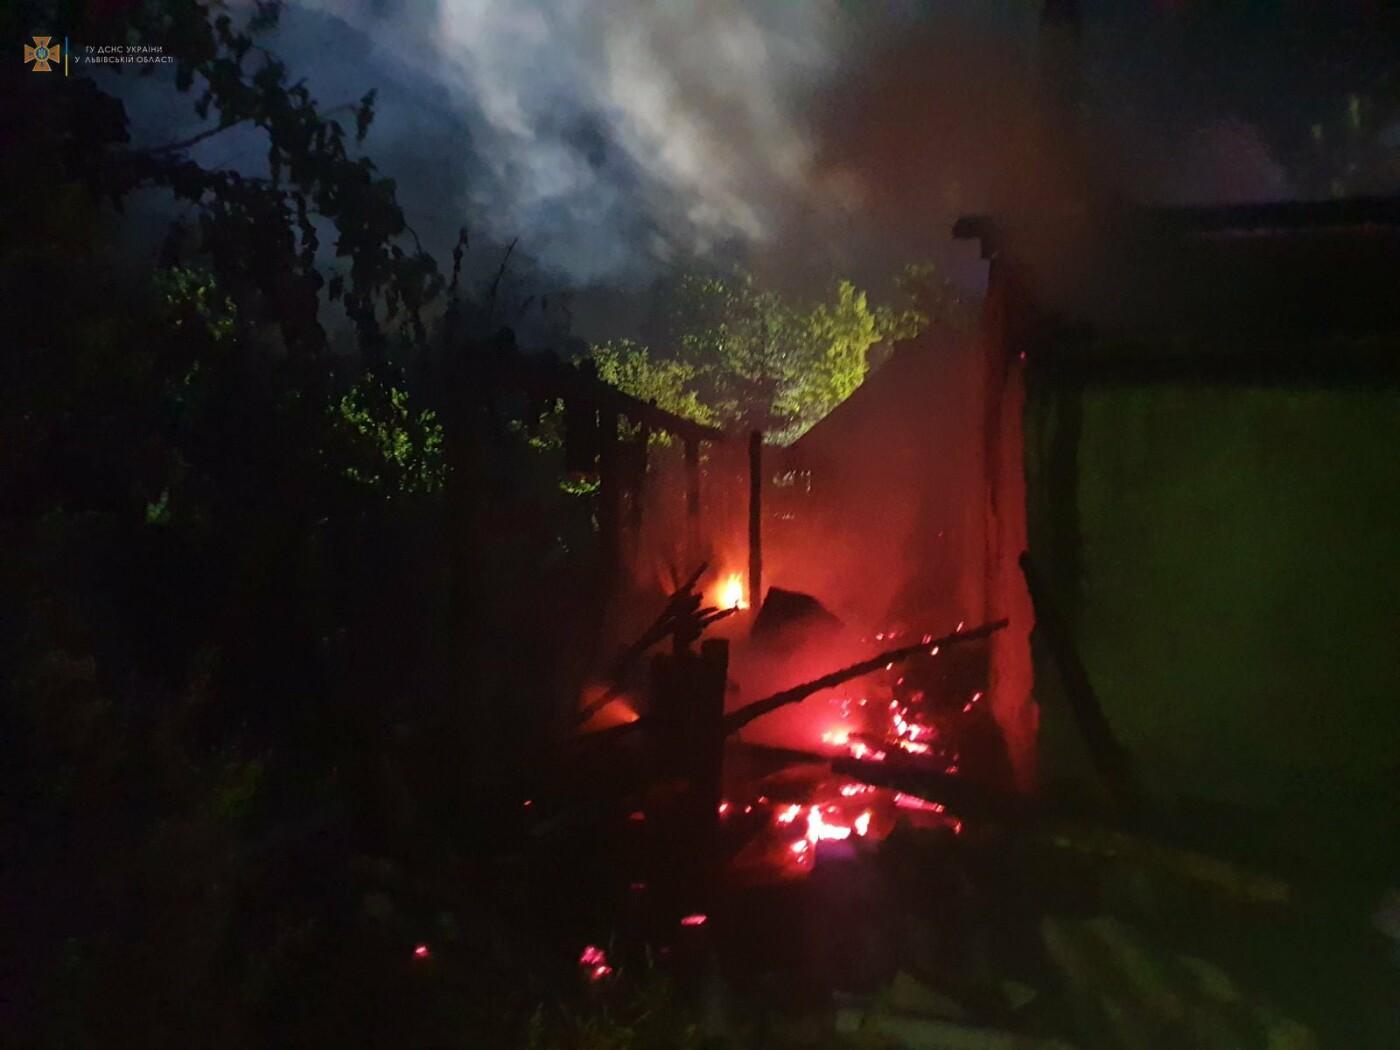 Вогнеборці ліквідували пожежу в дерев'яній господарській будівлі, Фото: пресслужби ДСНС у Львівській області